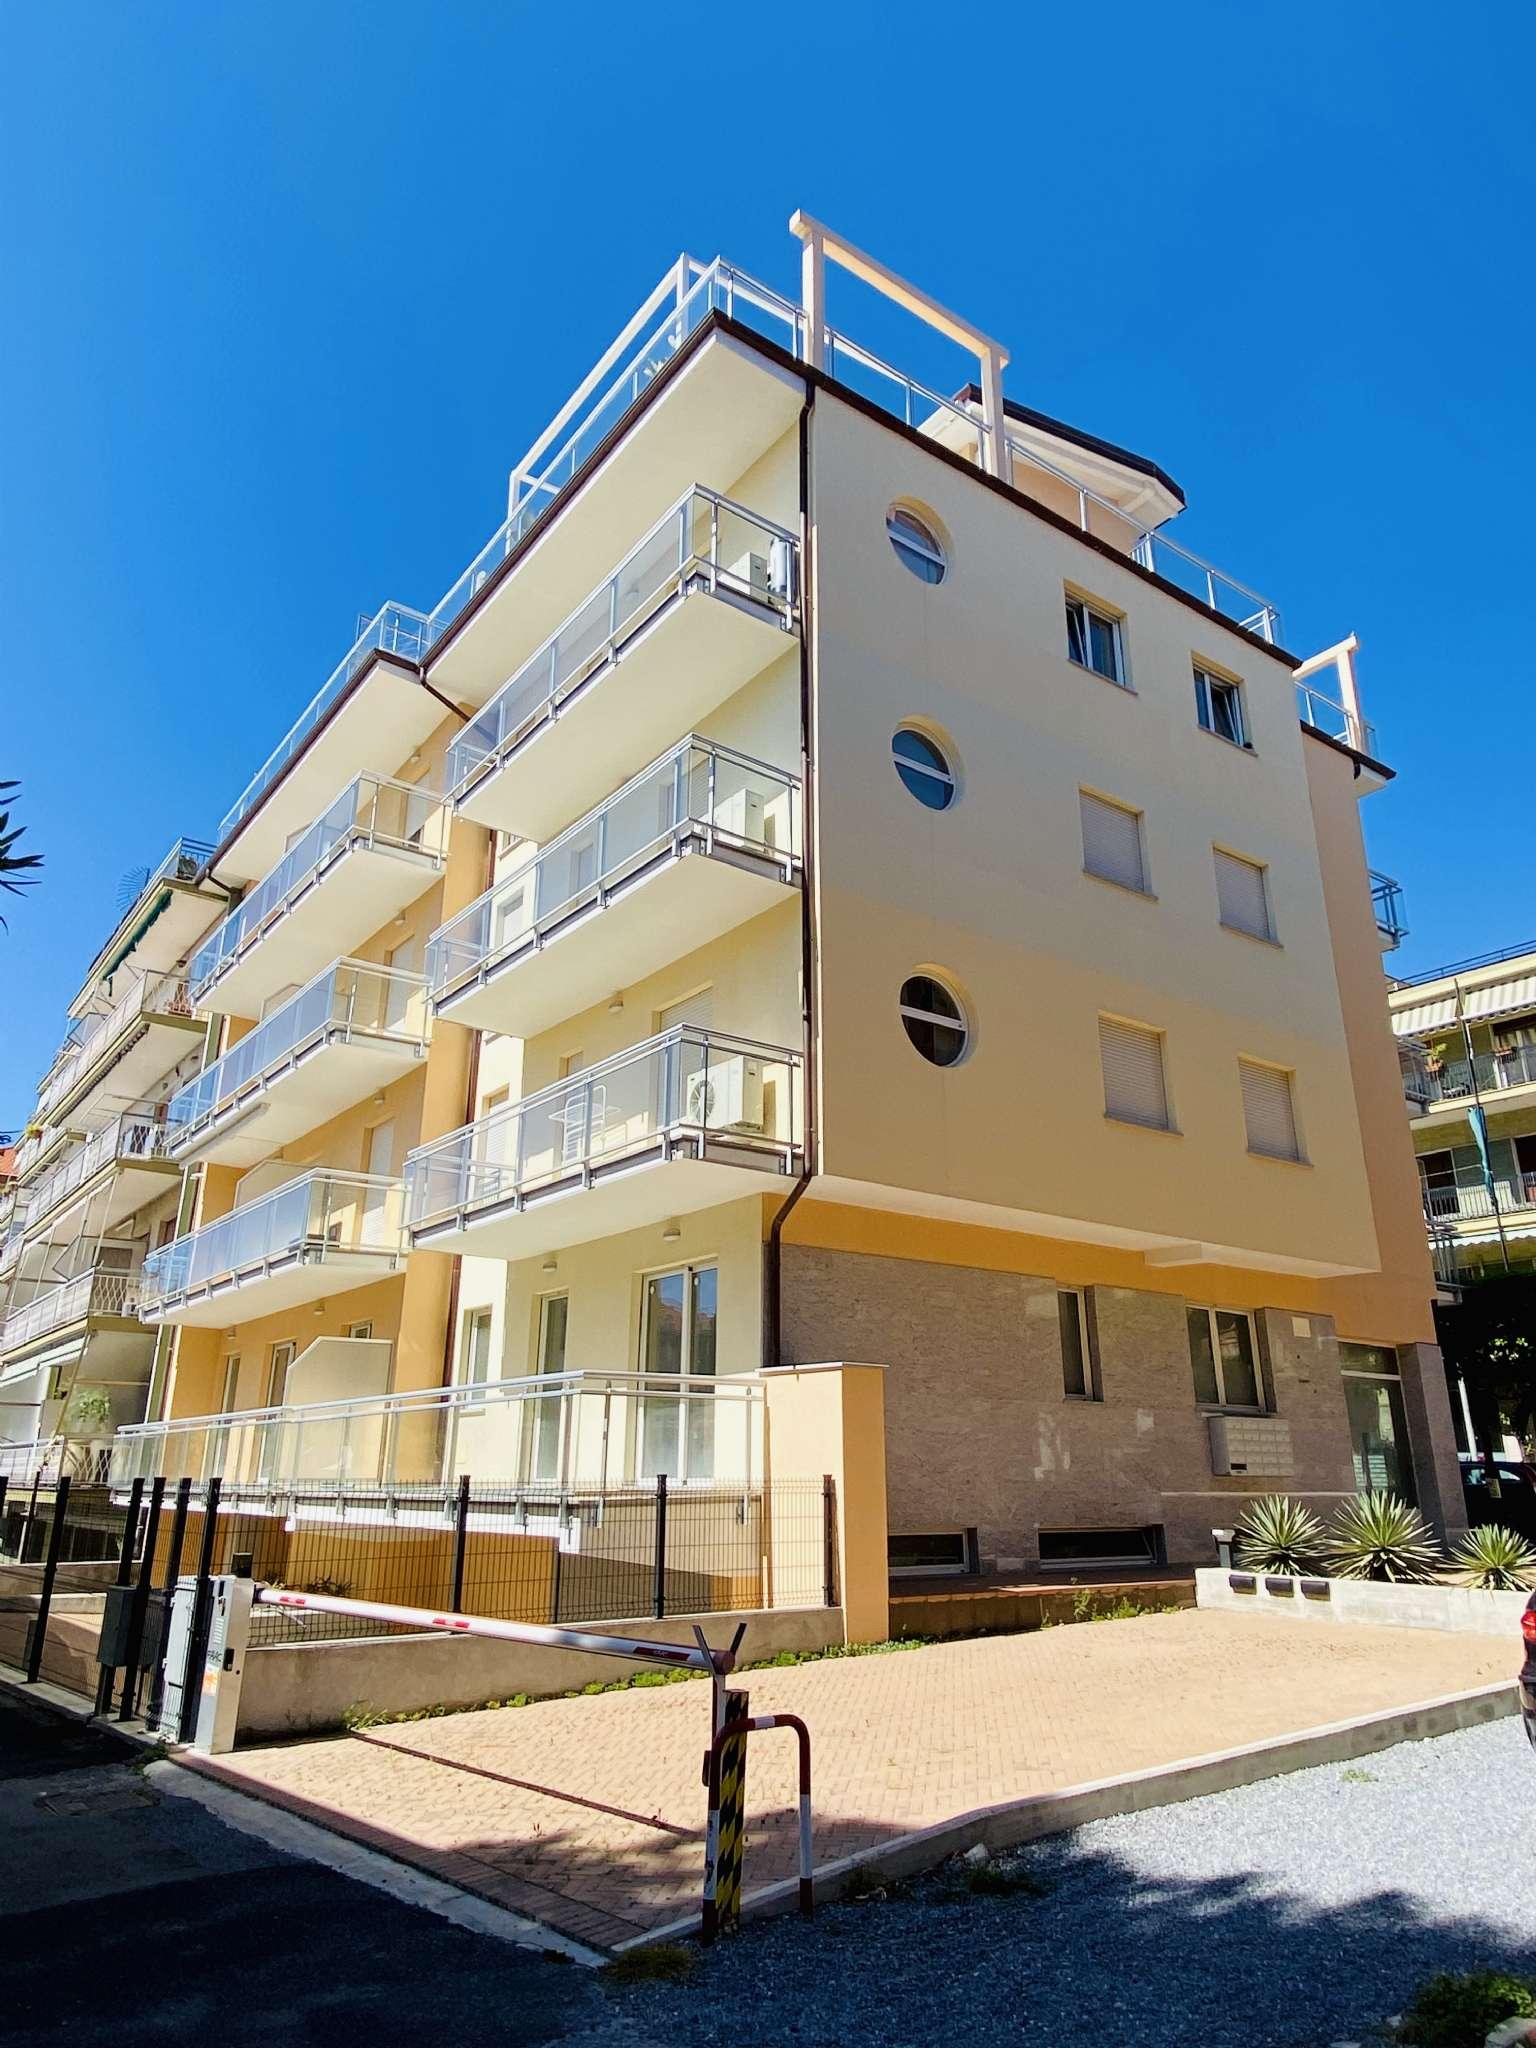 Appartamento in vendita a Diano Marina, 1 locali, prezzo € 260.000 | CambioCasa.it